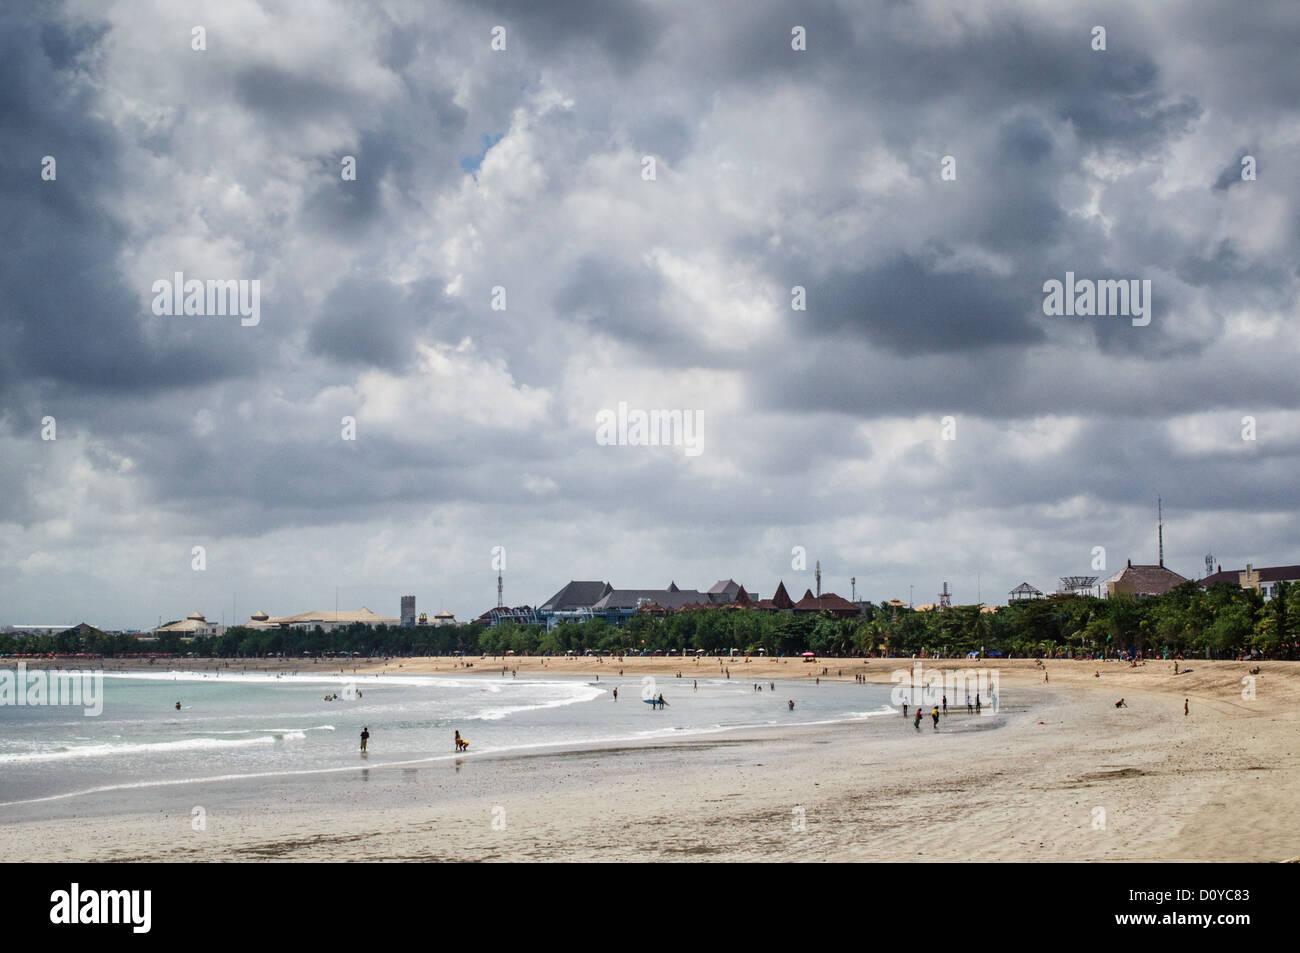 Kuta Beach viewed from Oceans 27 beach club - Stock Image